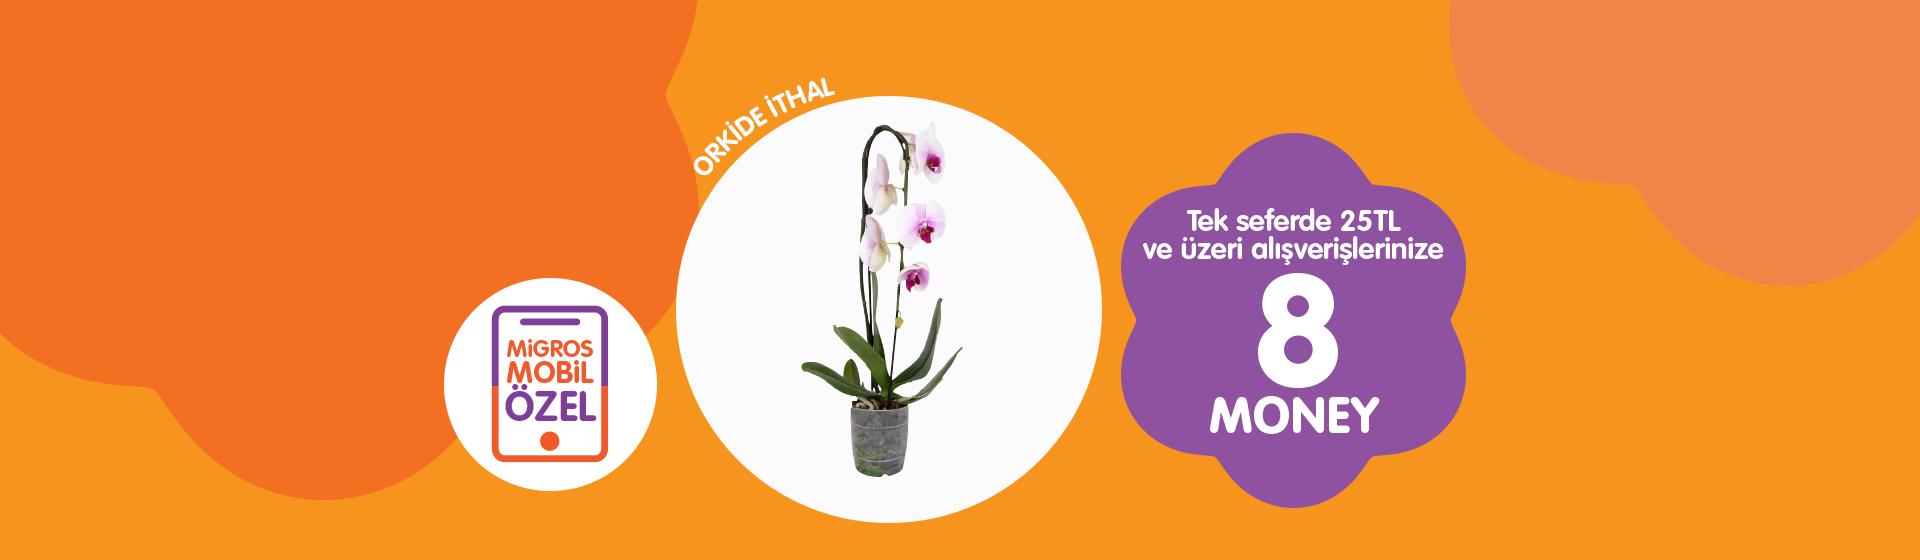 Orkide Money Kampanyası